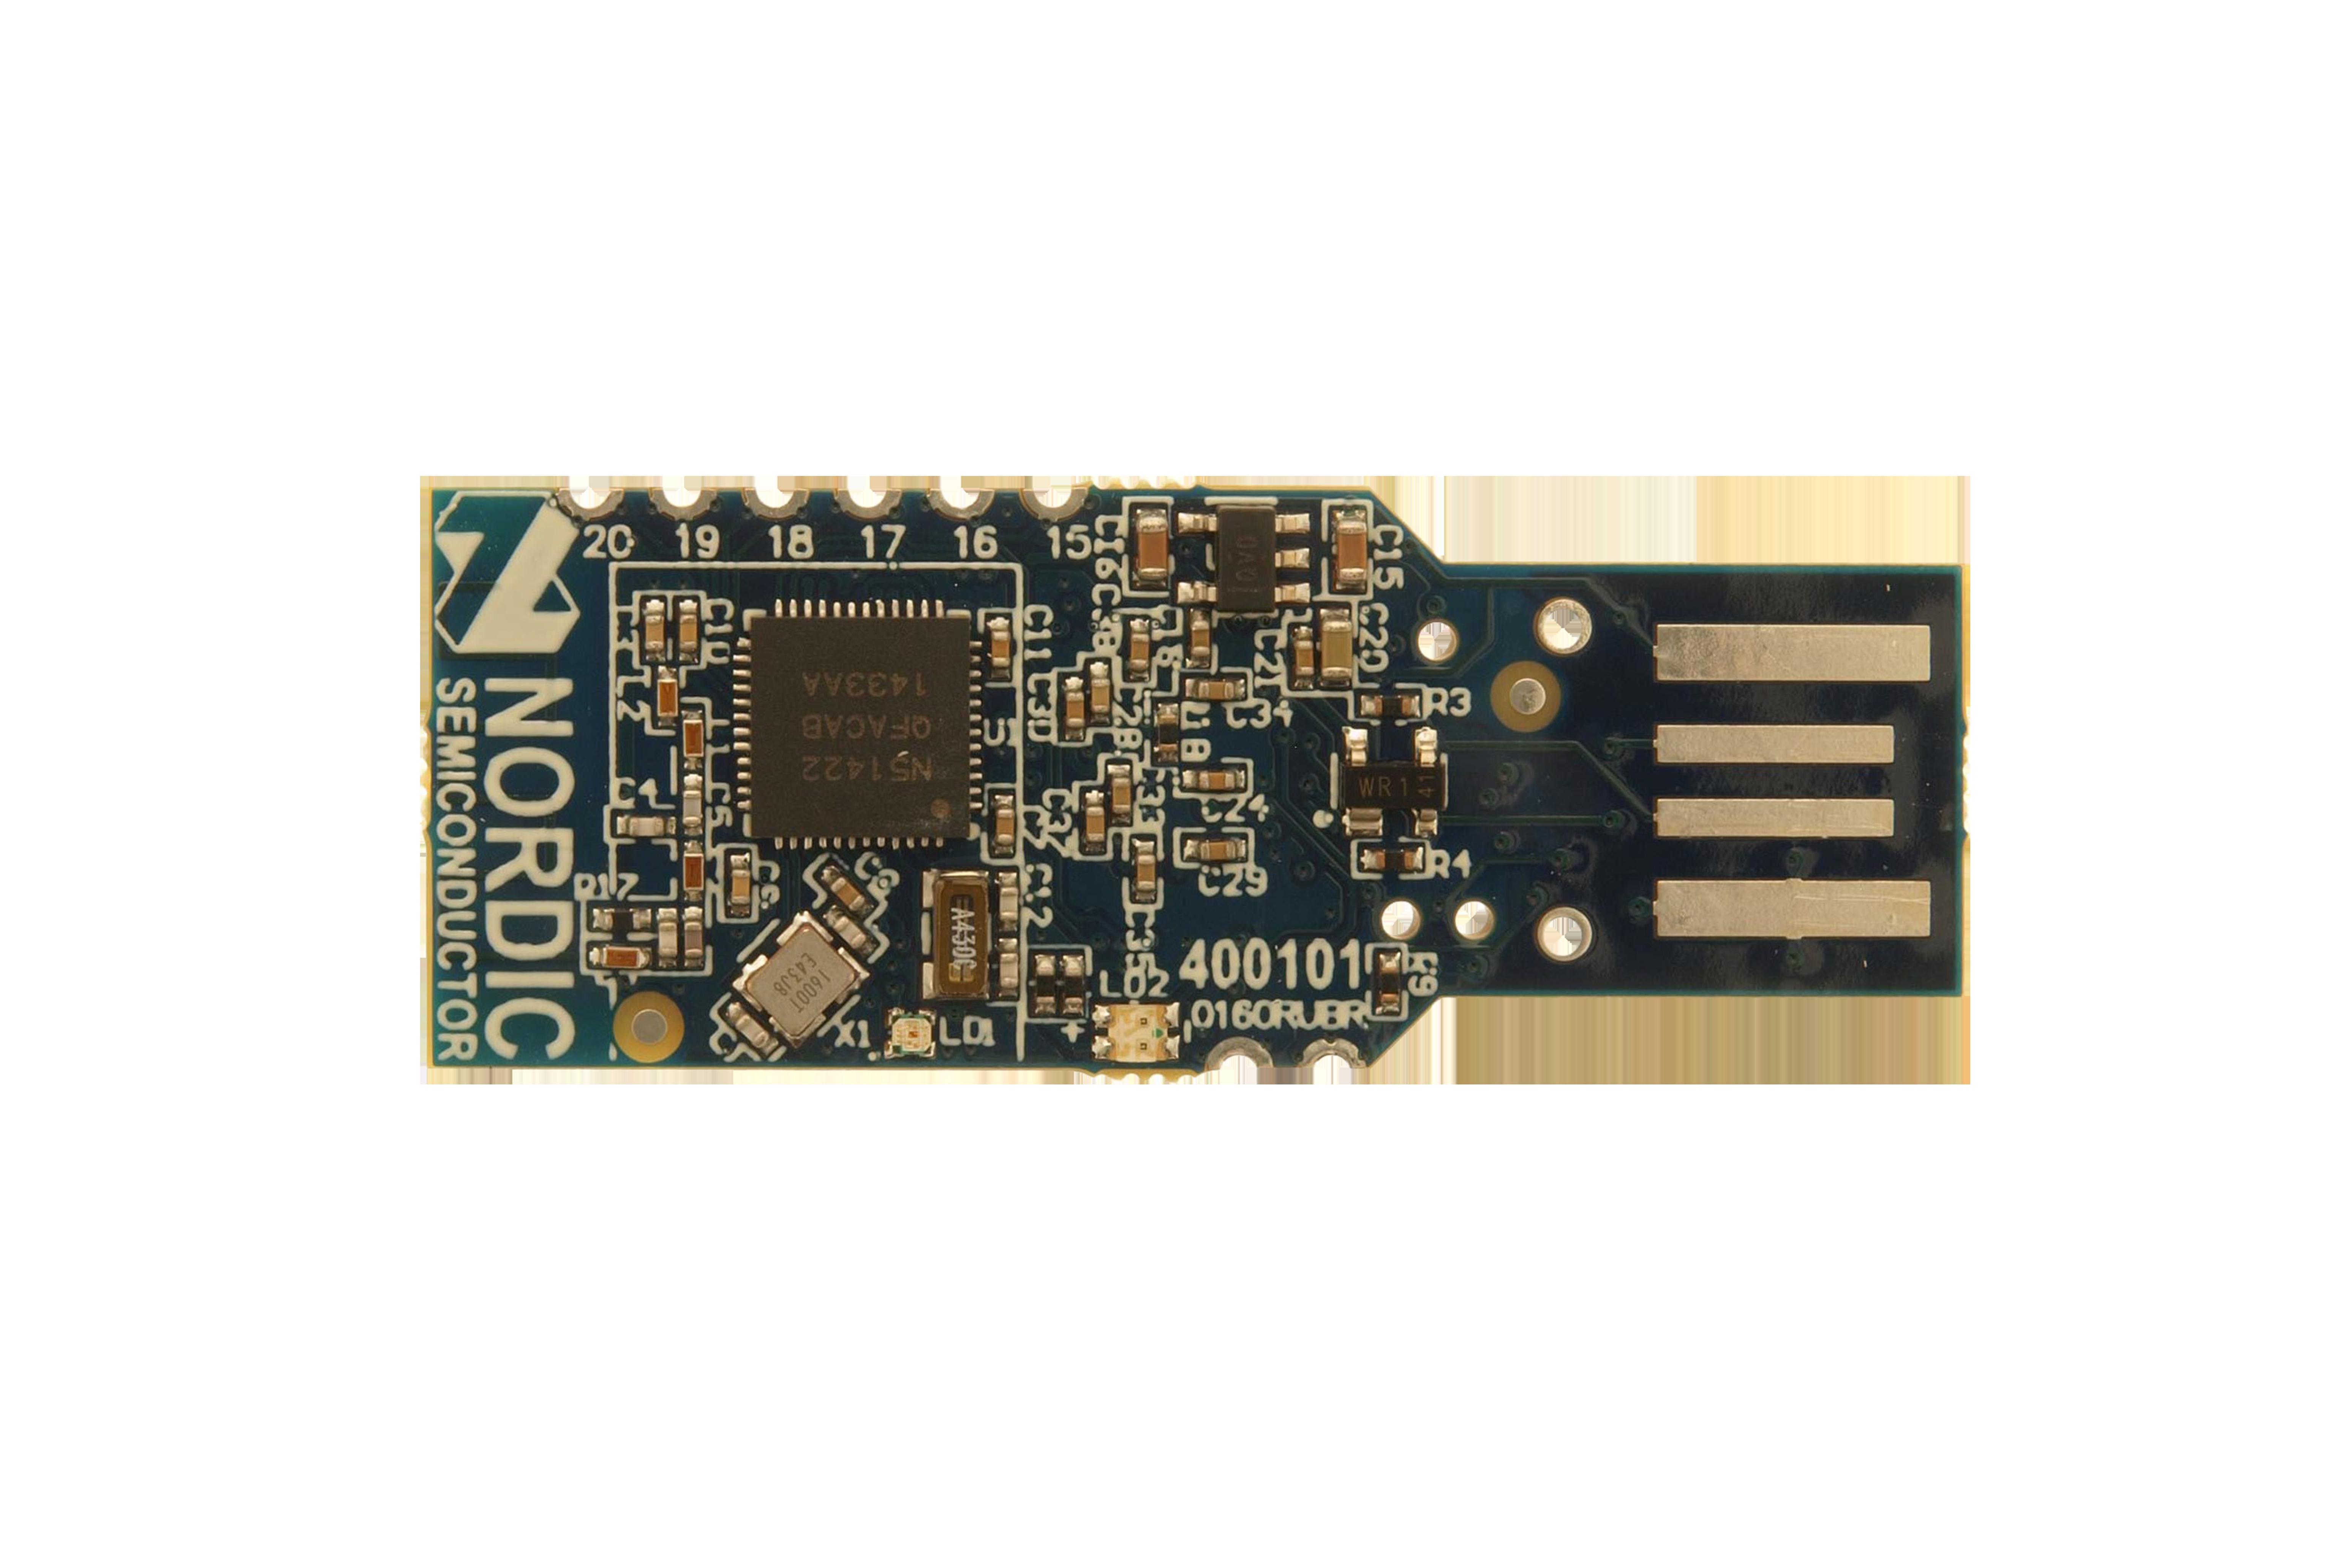 Chiavetta USB nRF51 per emulatore, firmware